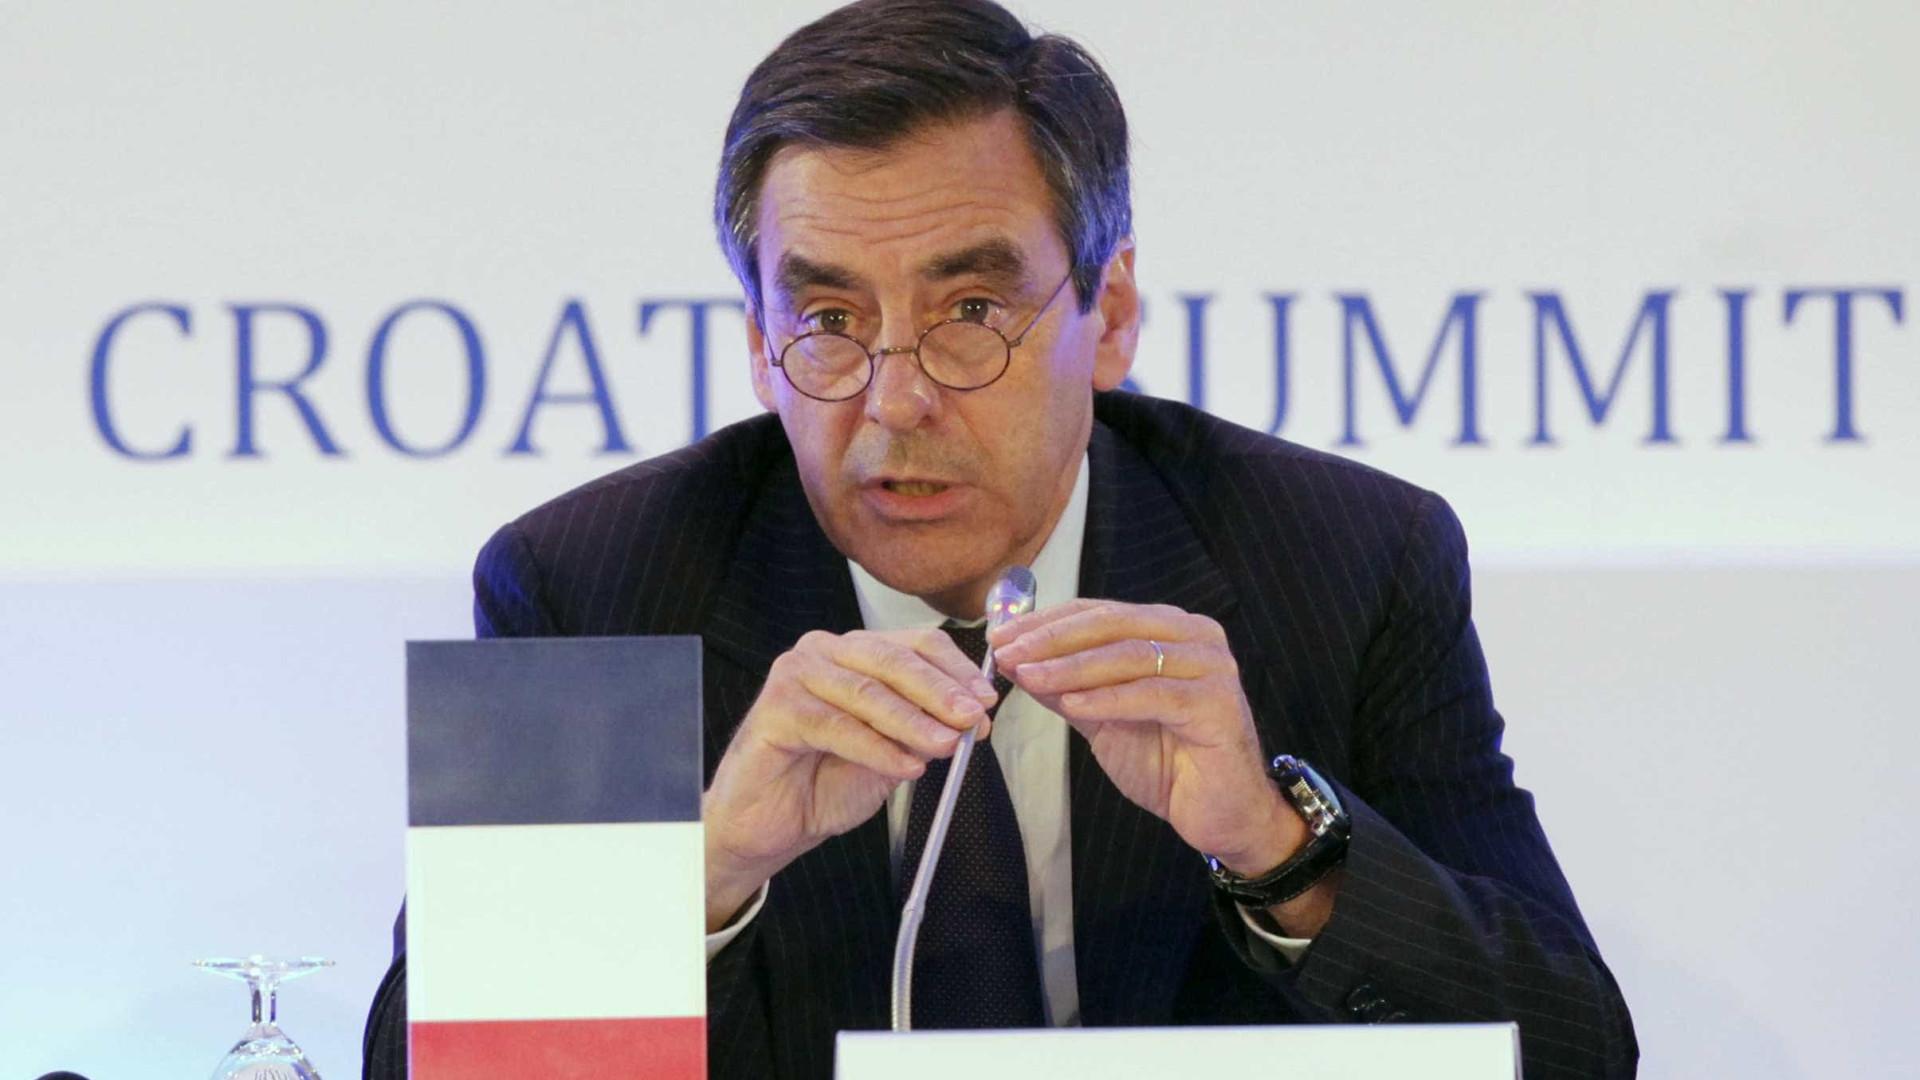 Conservador sai na frente em primárias da direita na França